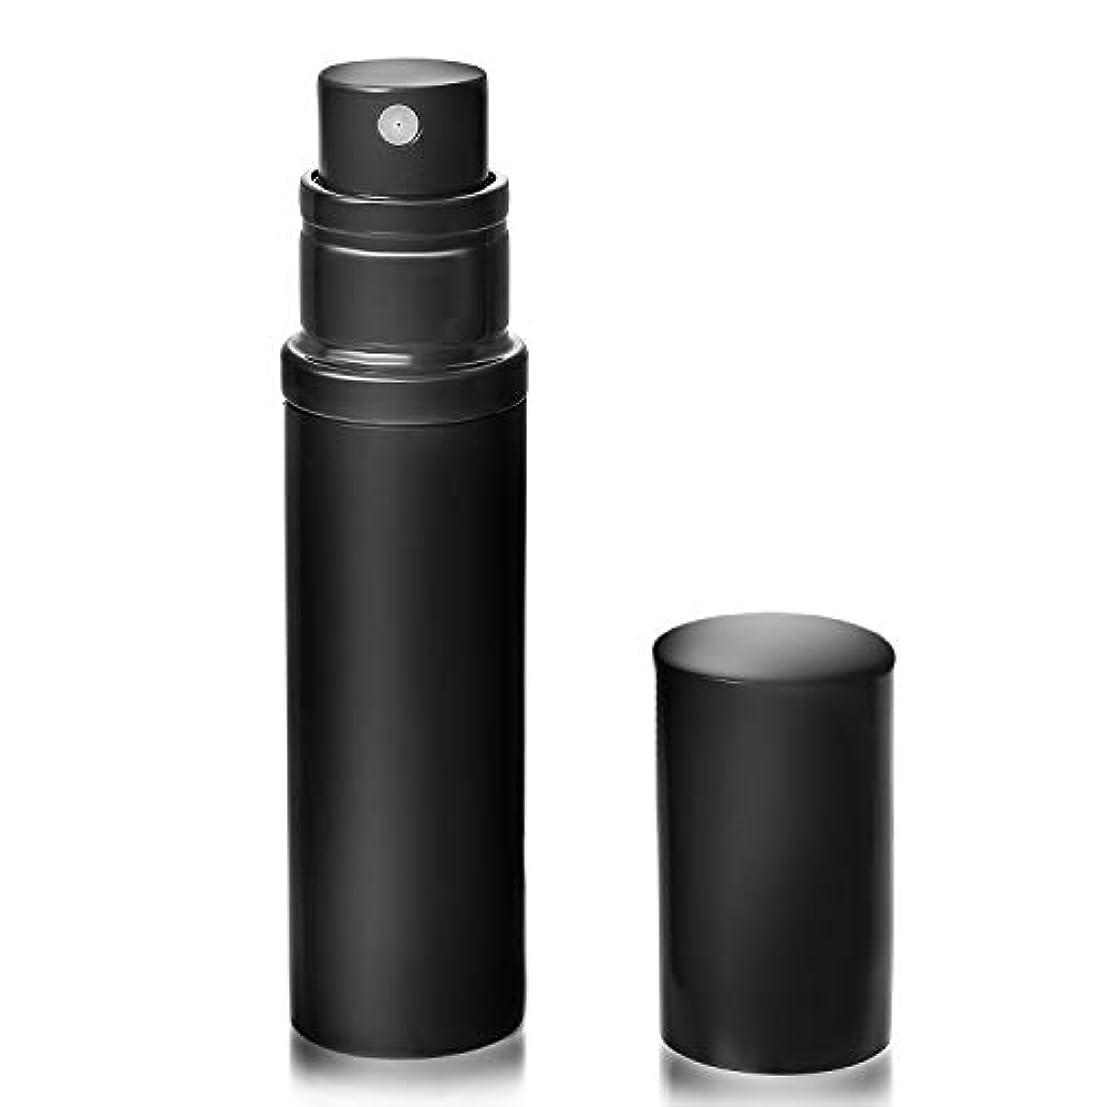 有力者かなり冷蔵庫アトマイザ- 香水 クイックアトマイザー ワンタッチ 入れ物 簡単 持ち運び 詰め替え ポータブルクイック 容器 香水噴霧器 ブラック YOOMARO